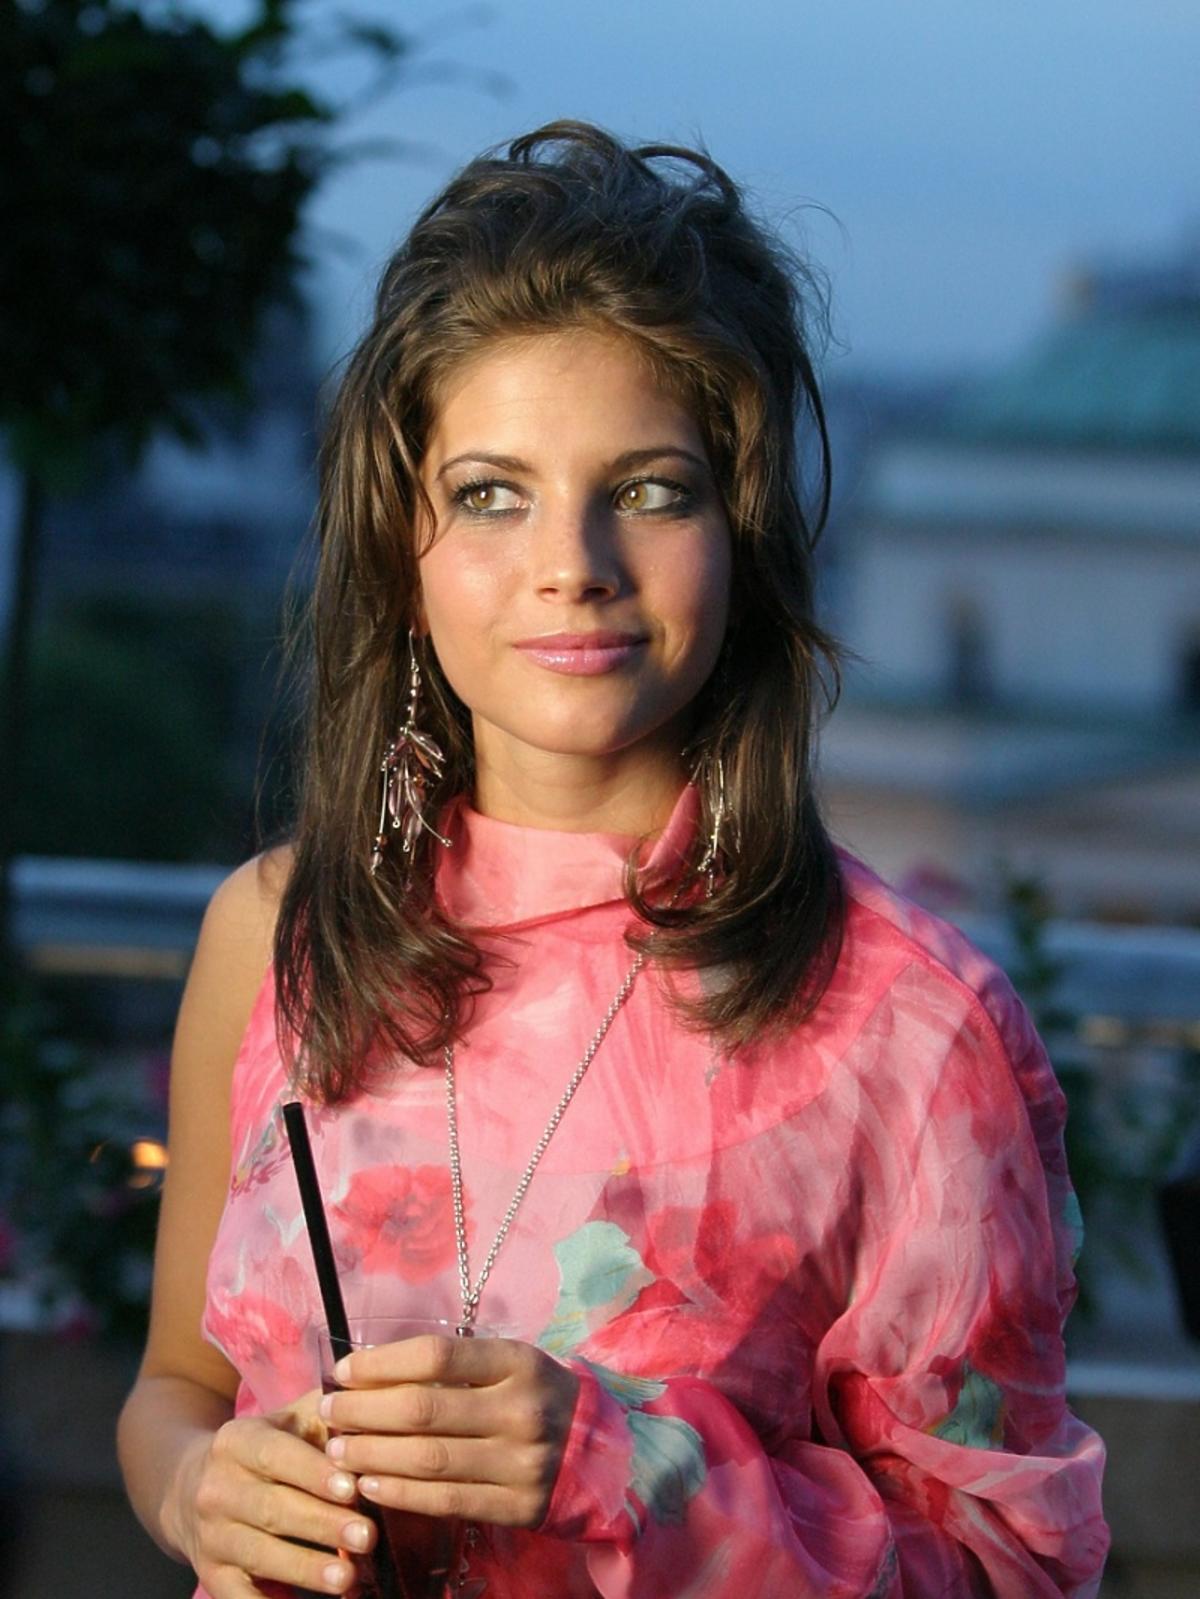 Weronika Rosati uśmiechnięta, w różowej sukience